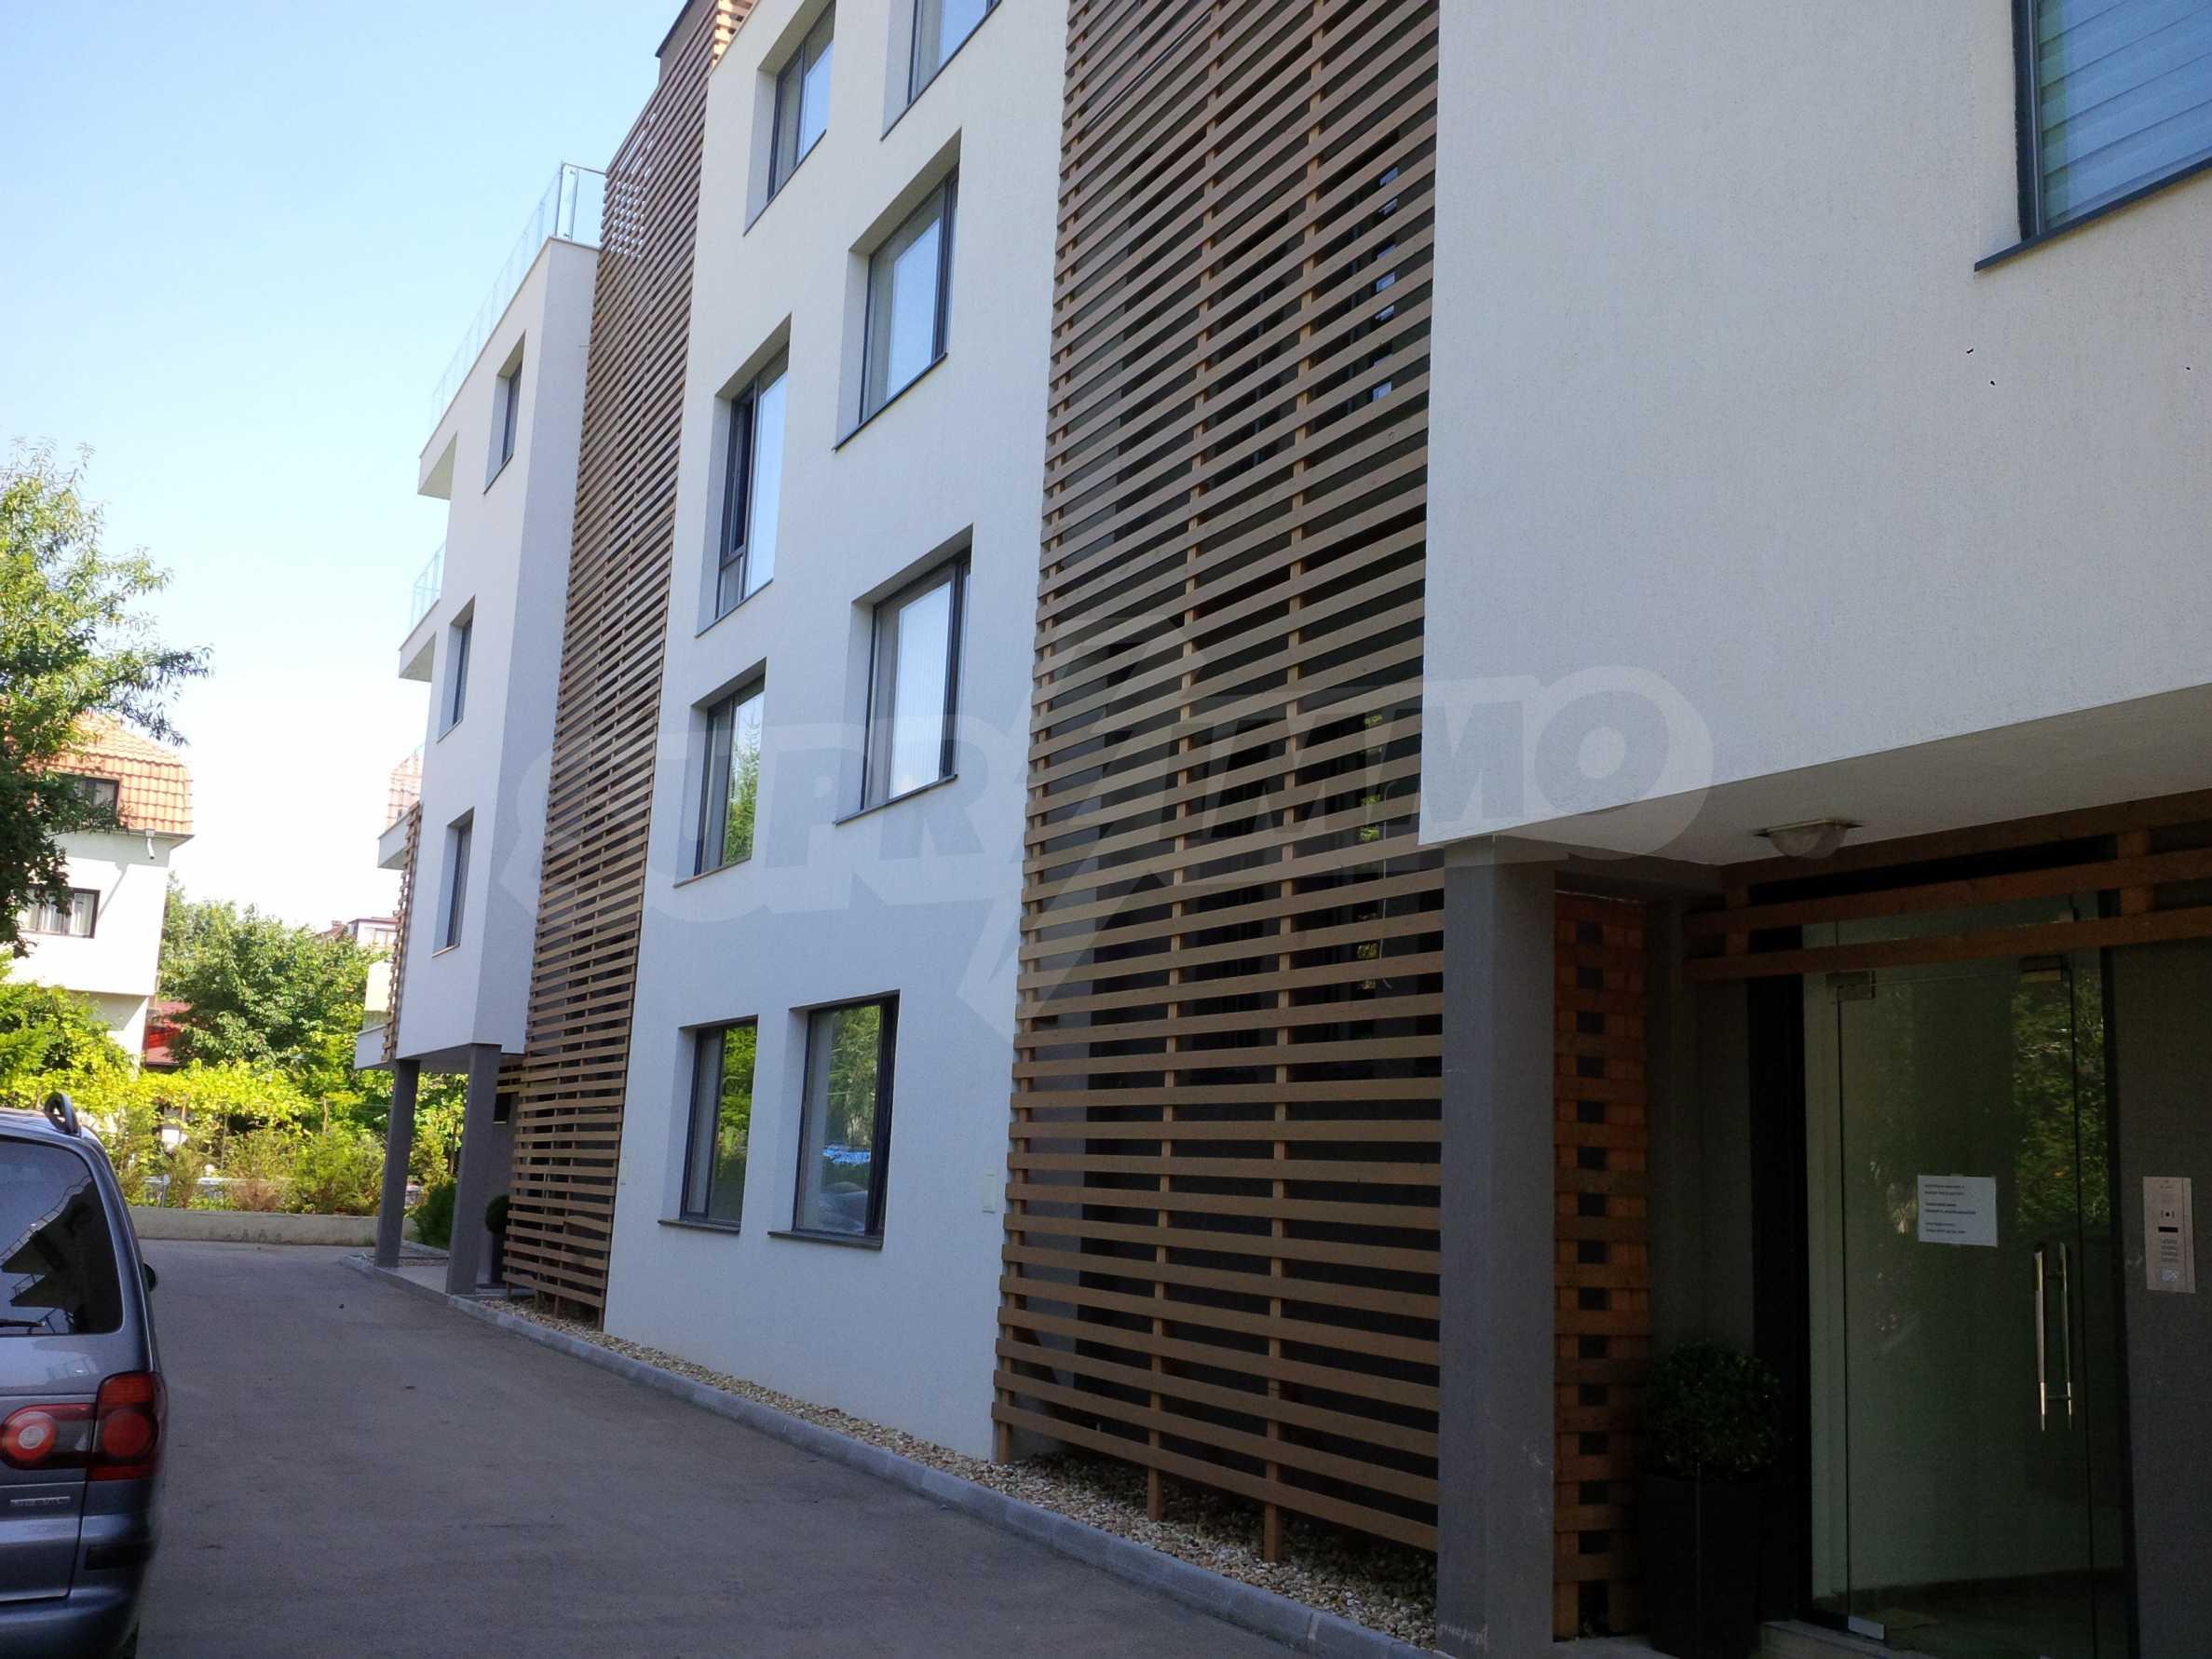 St. Constantine-Boutique Wohnkomplex 2